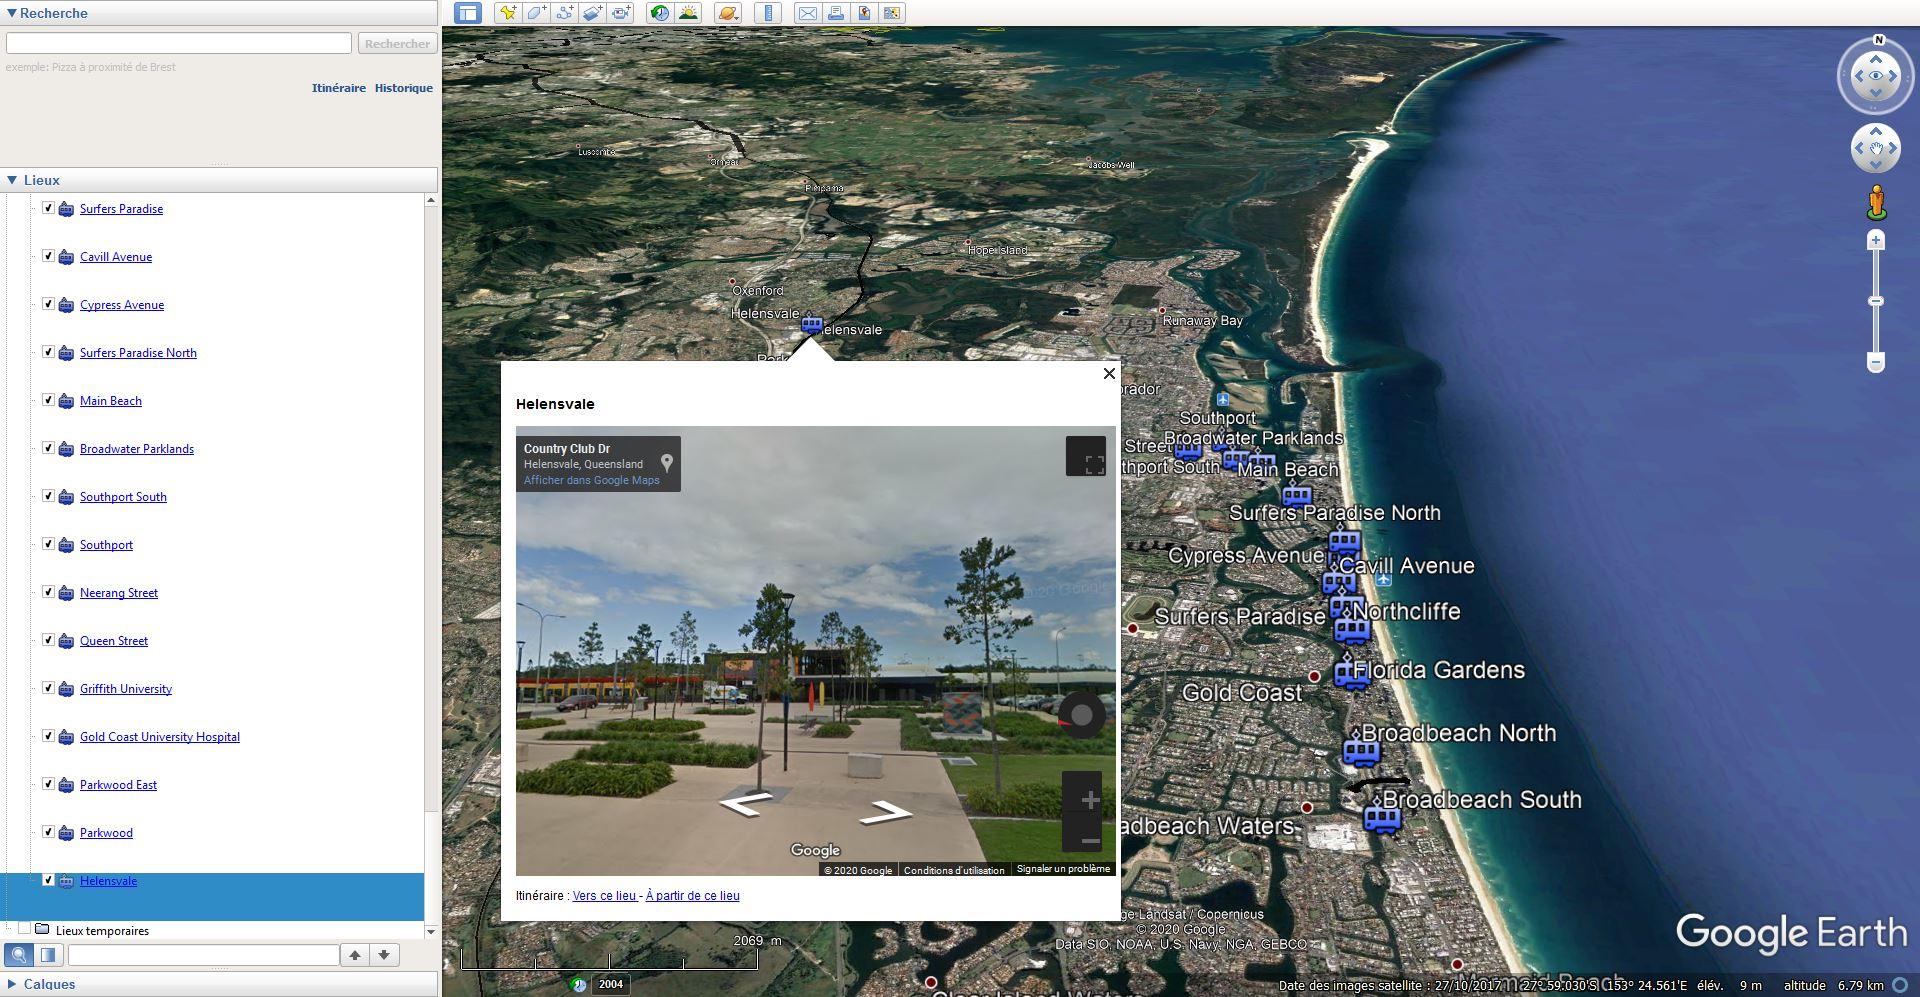 RideTheG - Le direct pour les plages de la Gold Coast Tsge1490